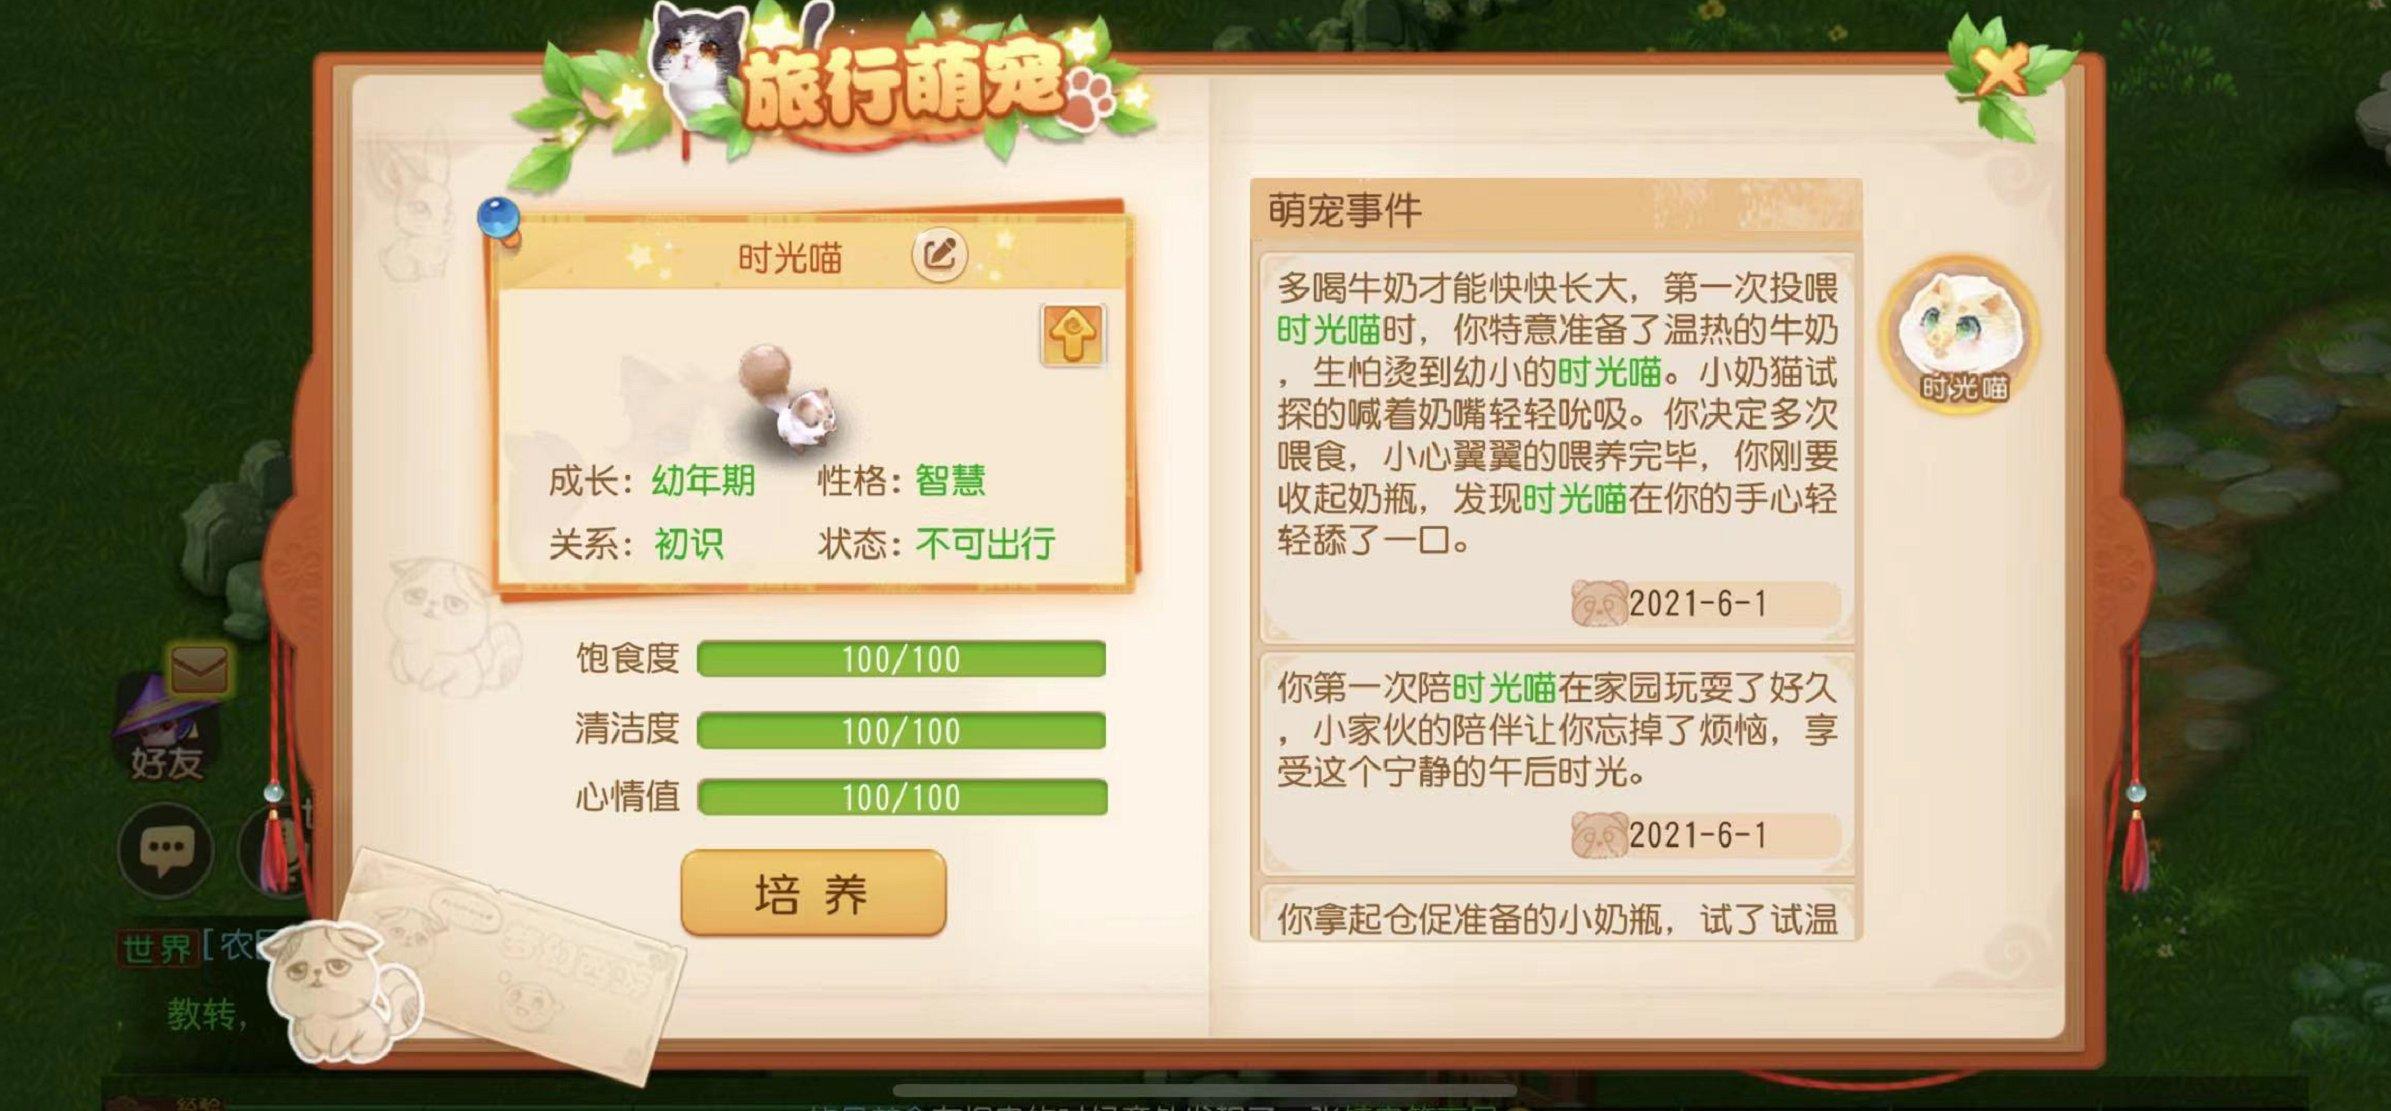 《梦幻西游》手游旅行萌宠活动限时开启,来做三界遛宠人!